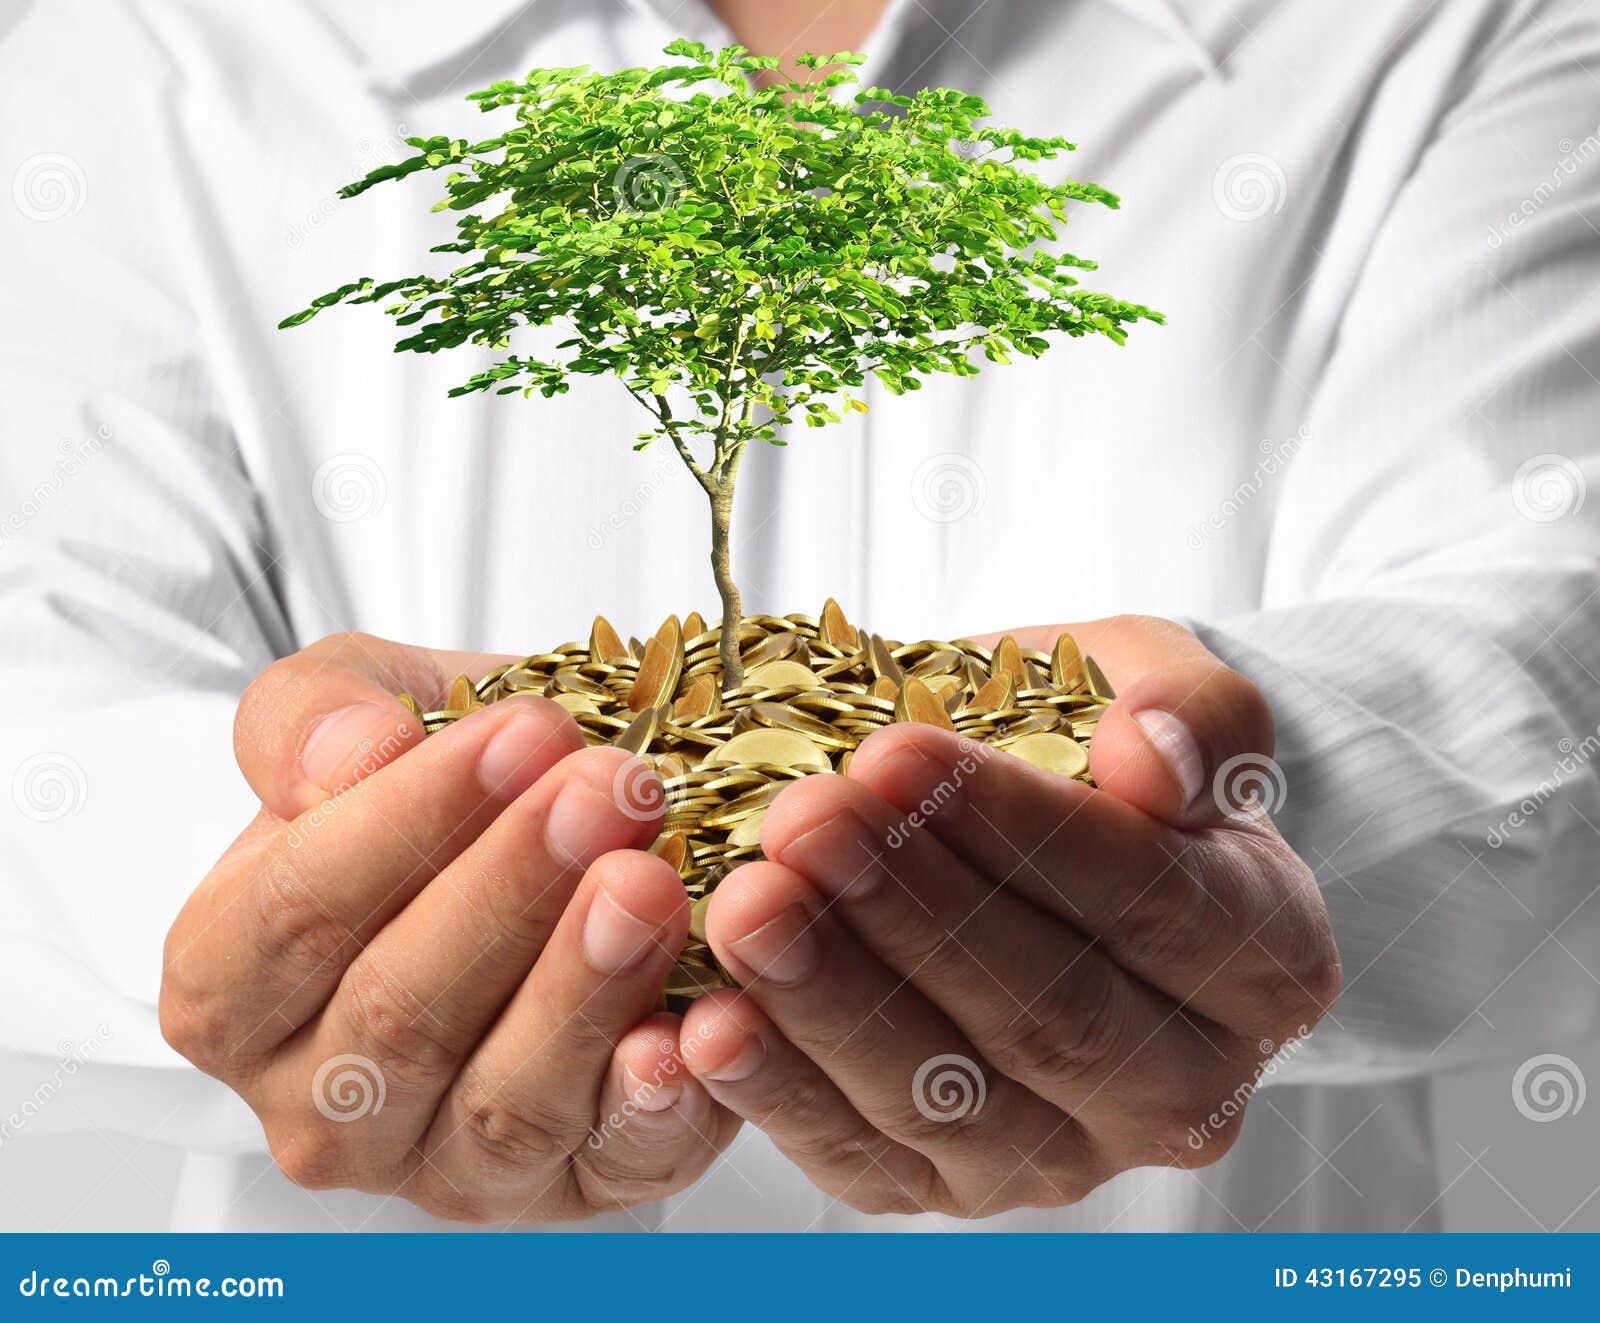 绿化事务的投资